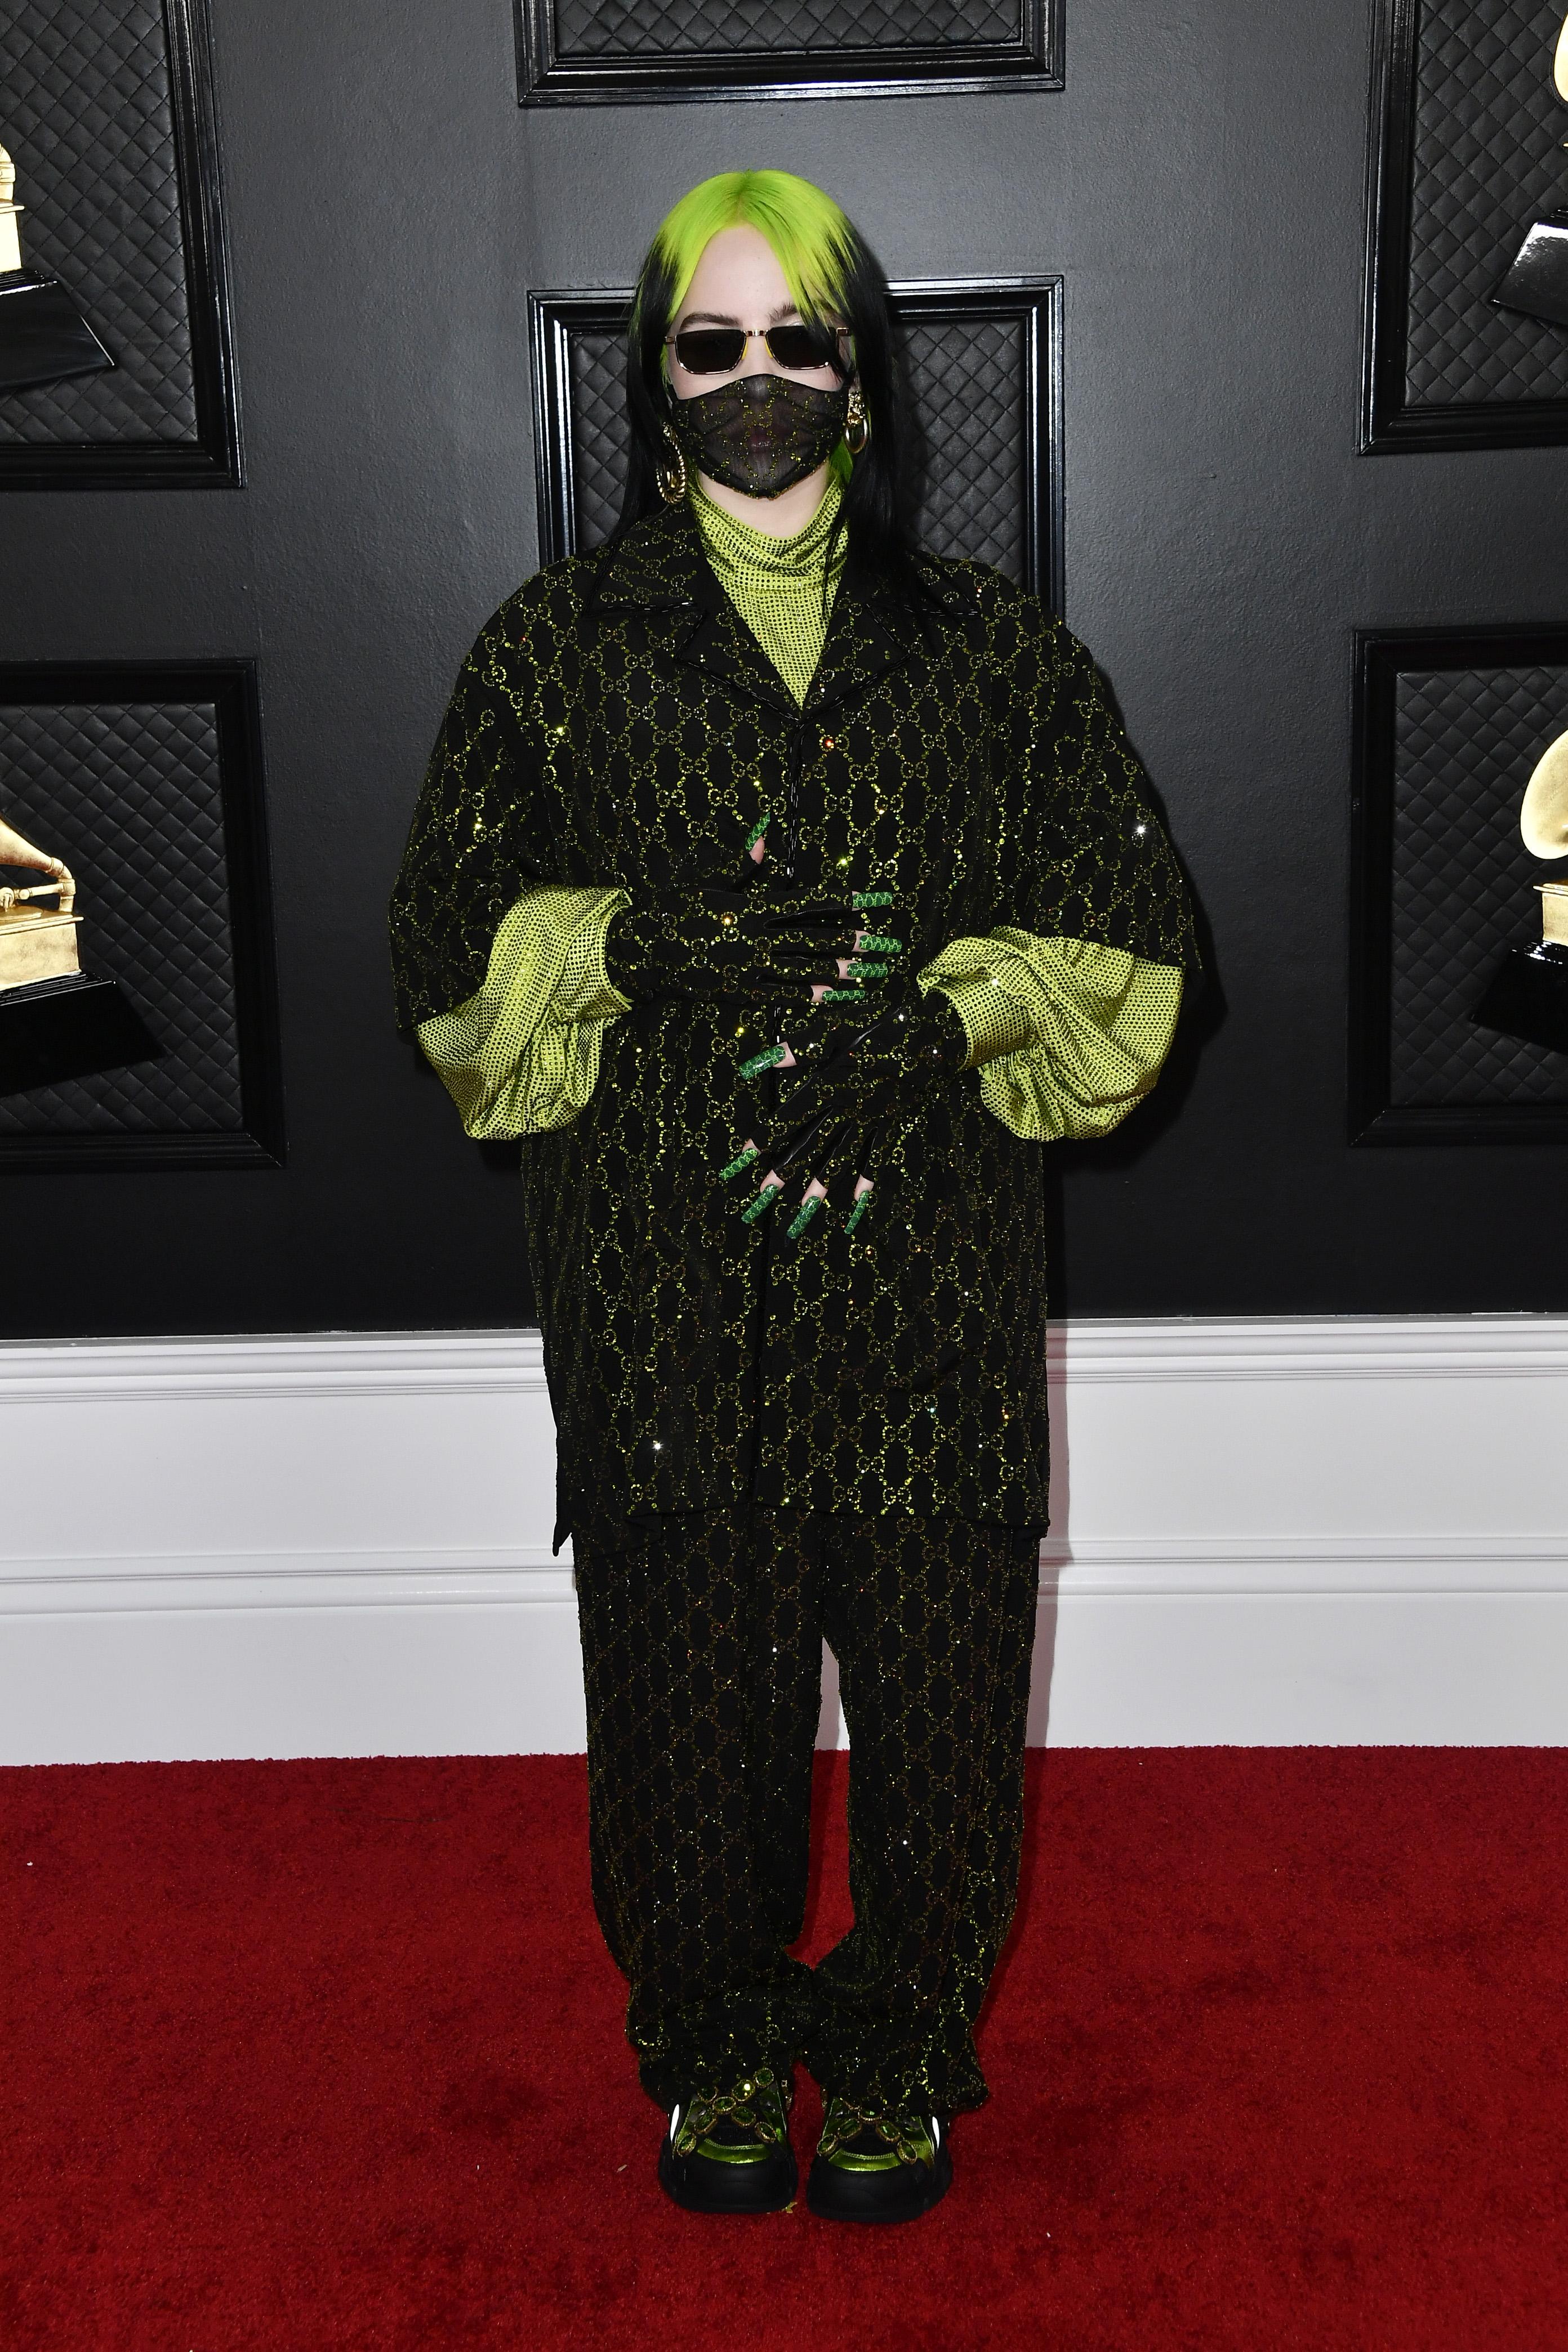 Grammy 2020 Цялата в Gucci отново (включително и маската). Освен 6-те награди Грами, Били ни показва и дългите си зелени нокти с монограмата на G... досещате се вече.